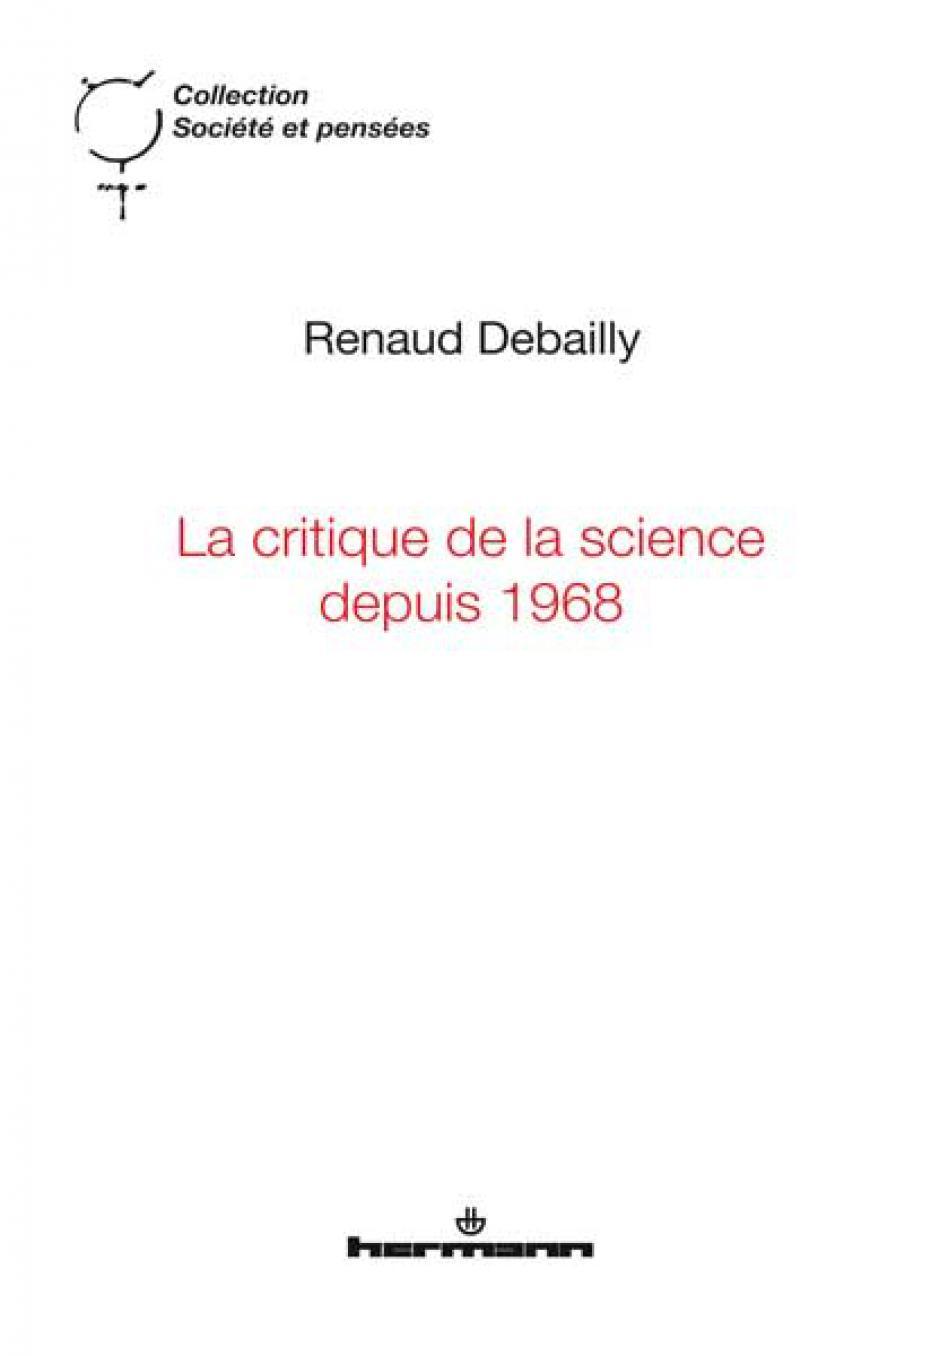 La critique de la science depuis 1968, Renaud Debailly